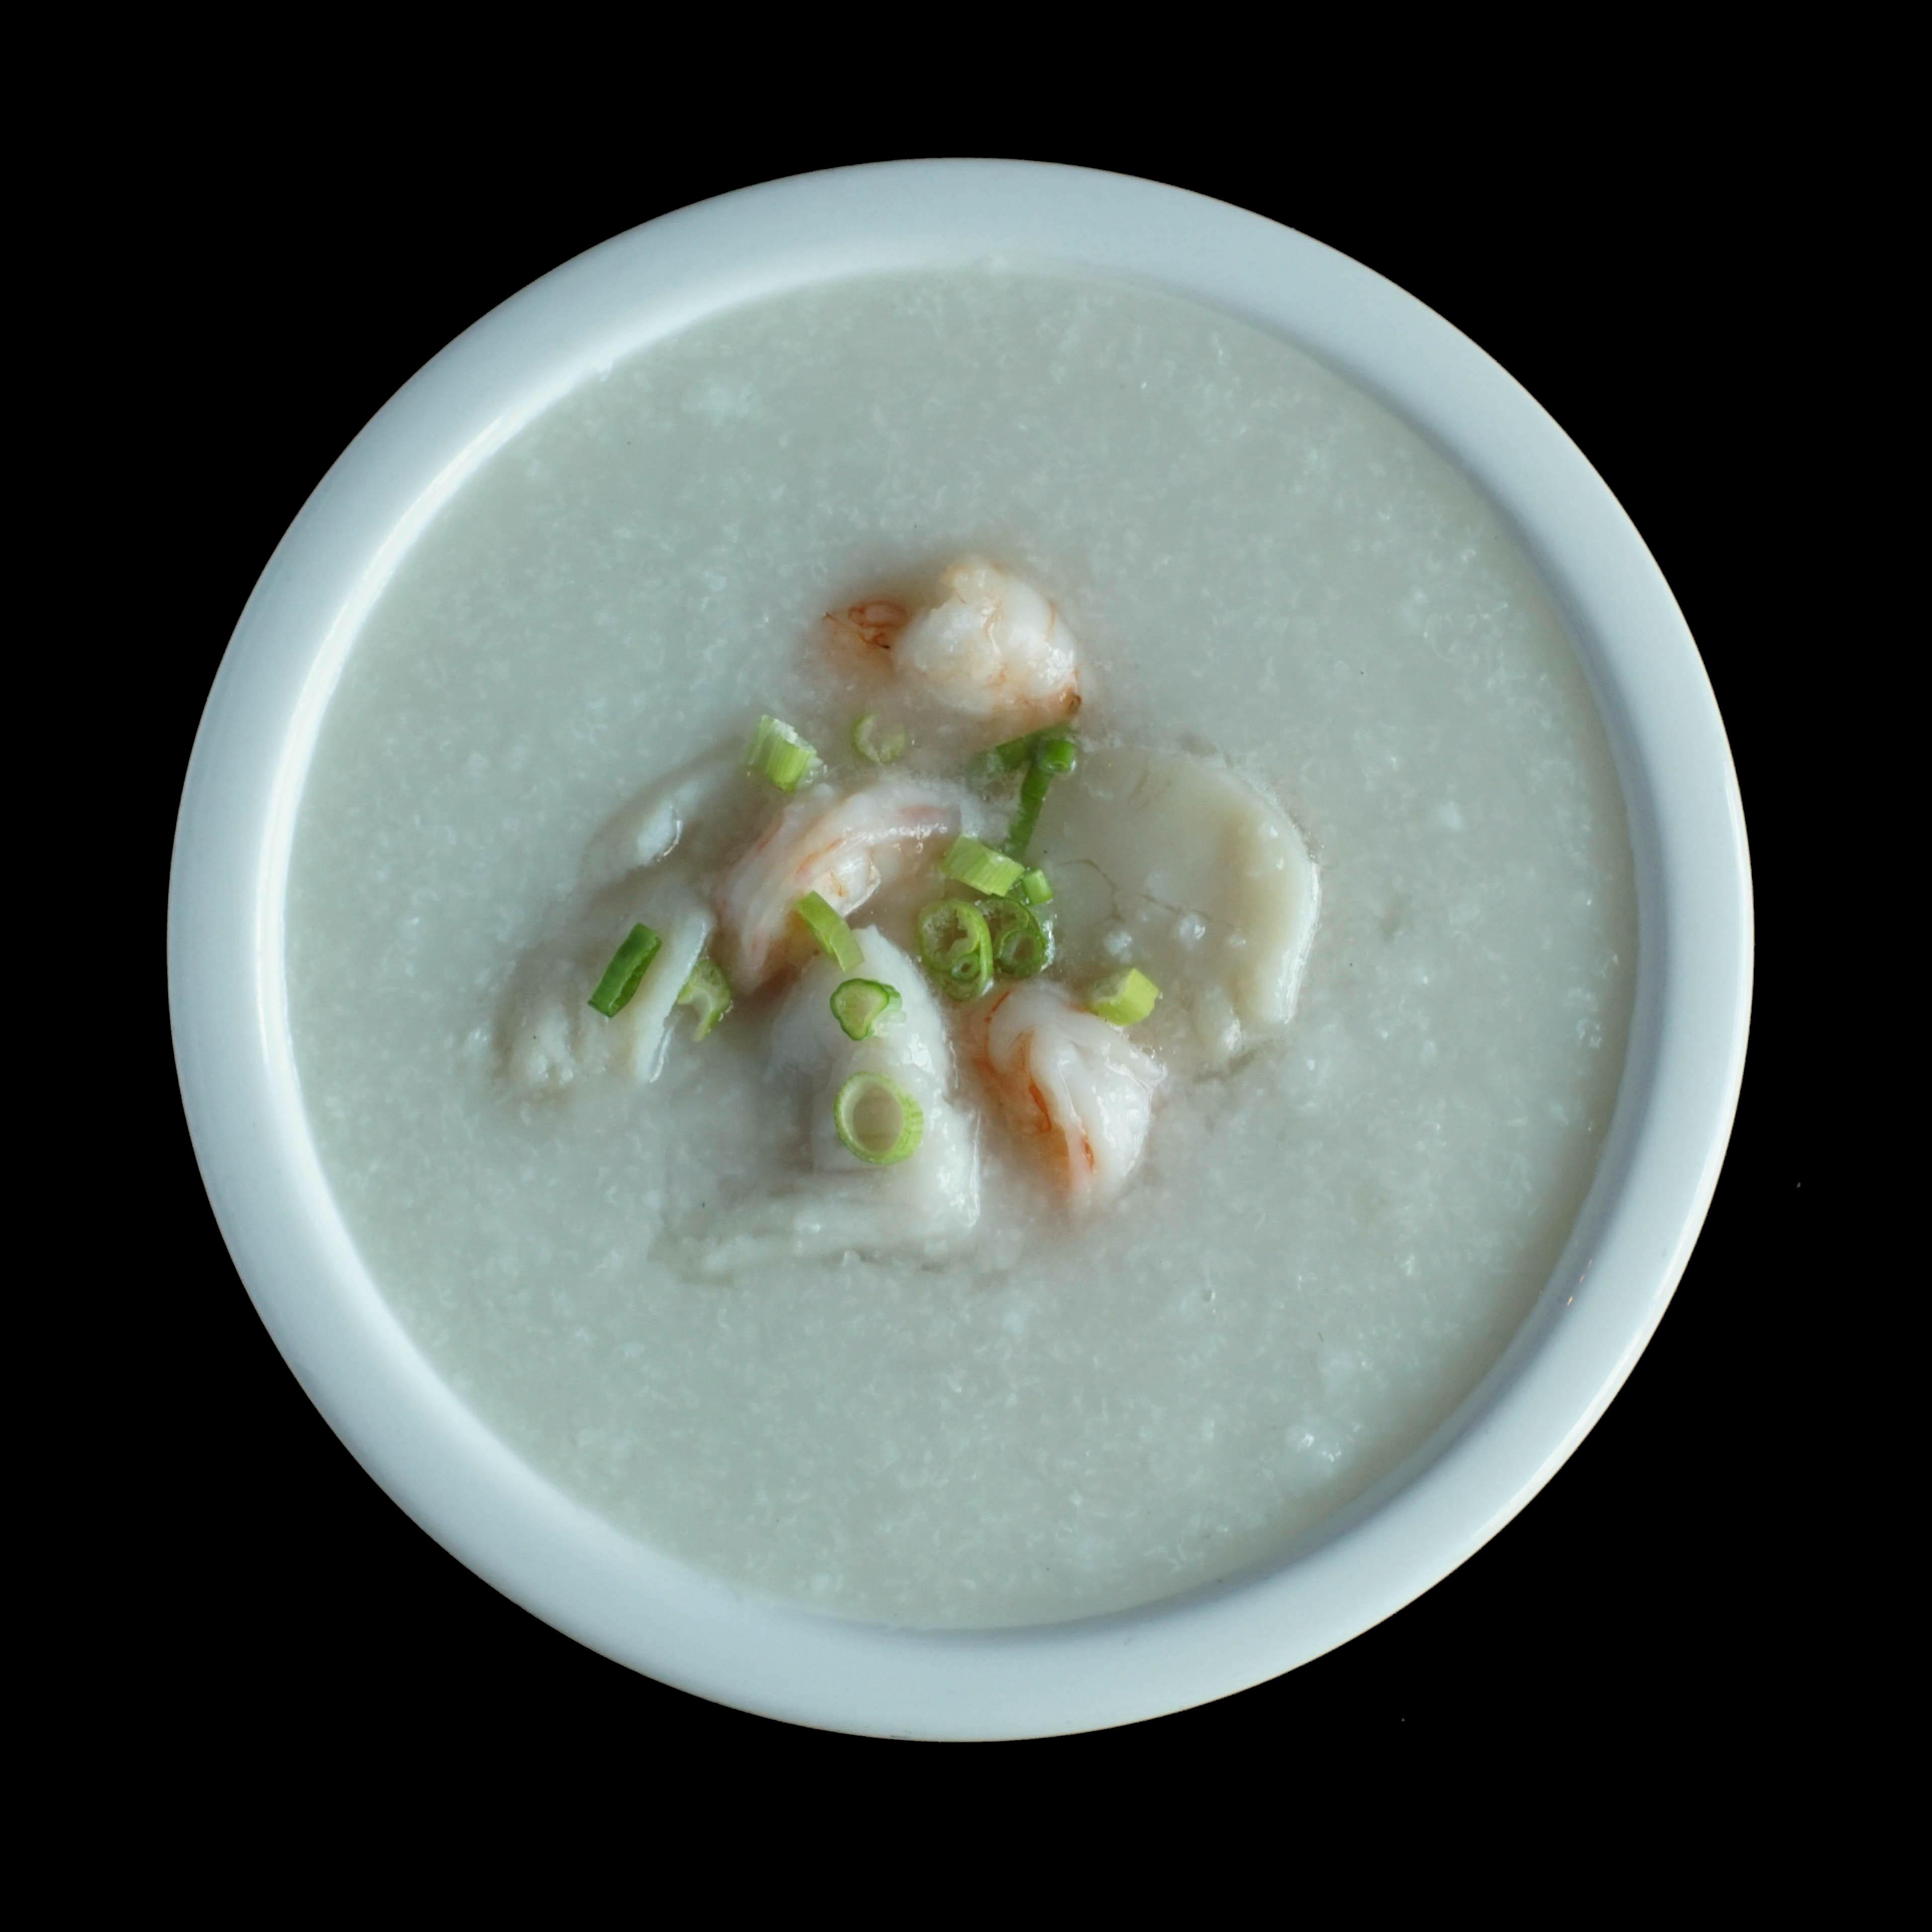 122. 海鲜 Seafood Congee Image